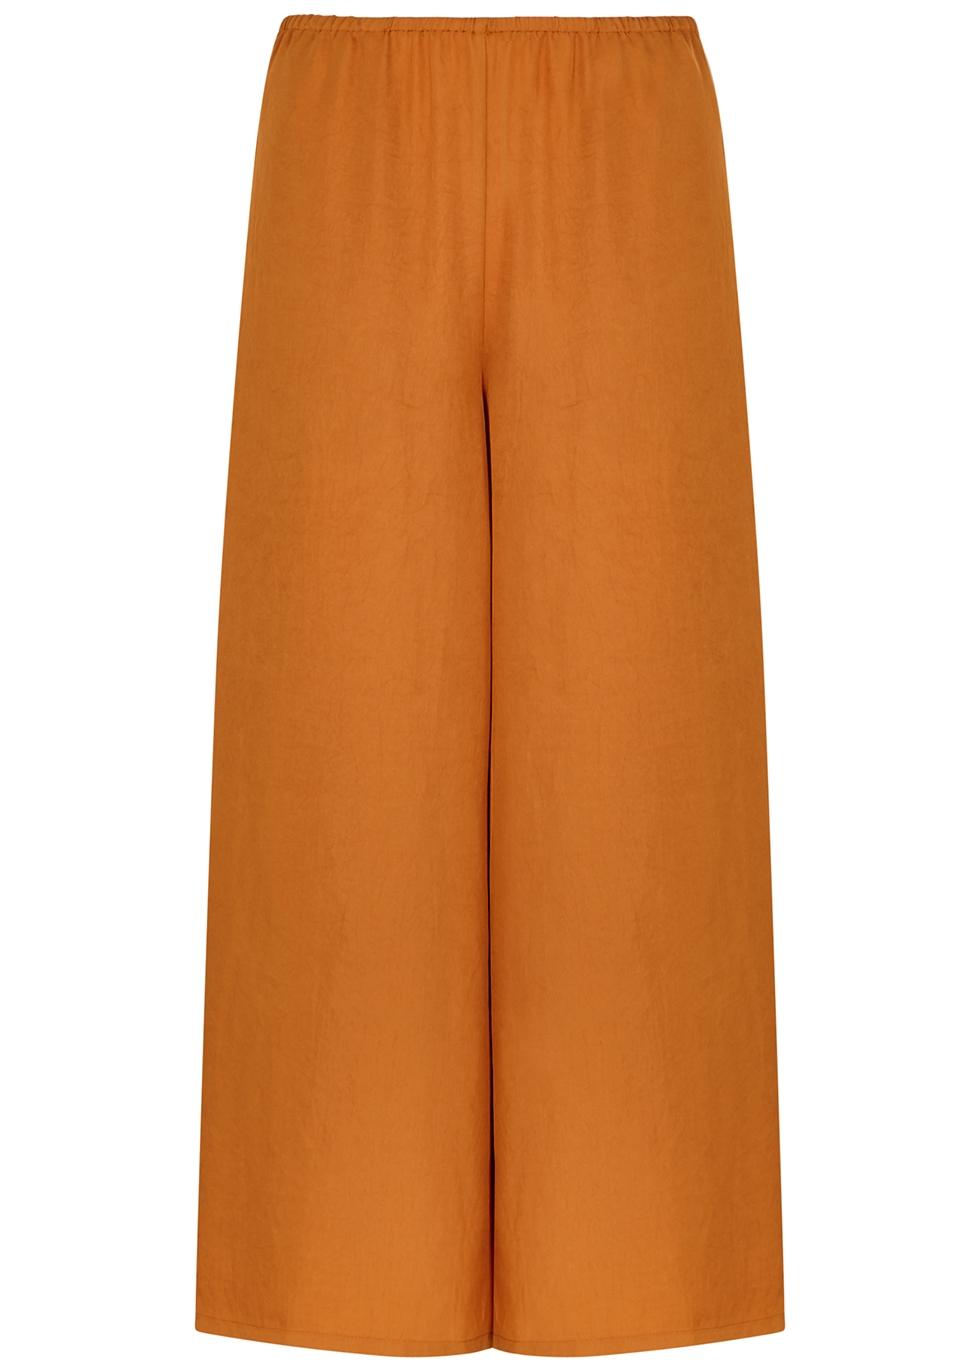 Amber wide-leg satin-twill culottes